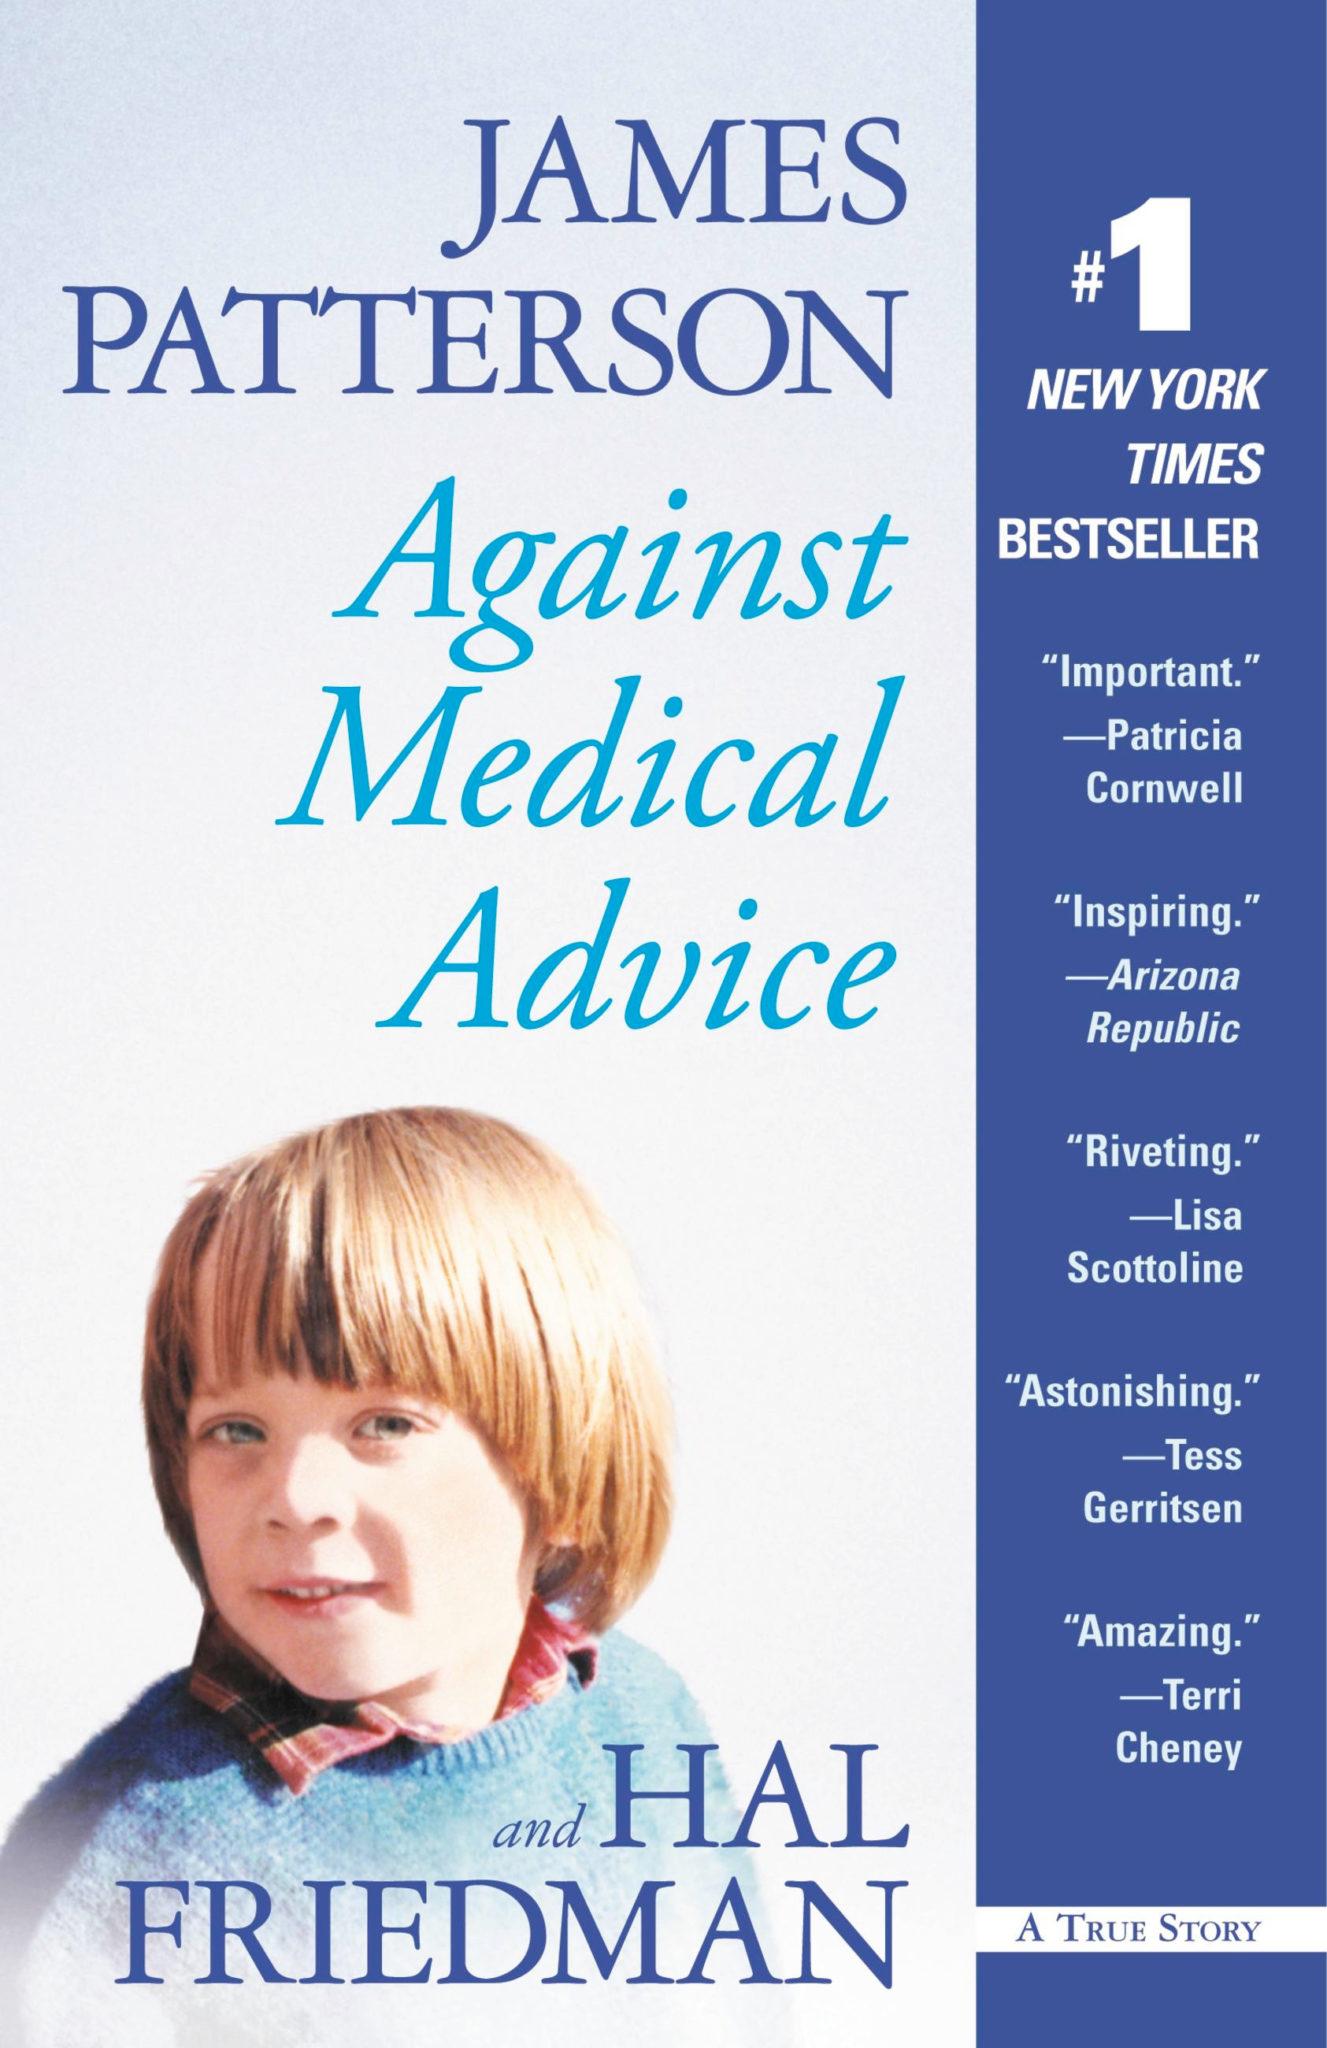 James Patterson books 37